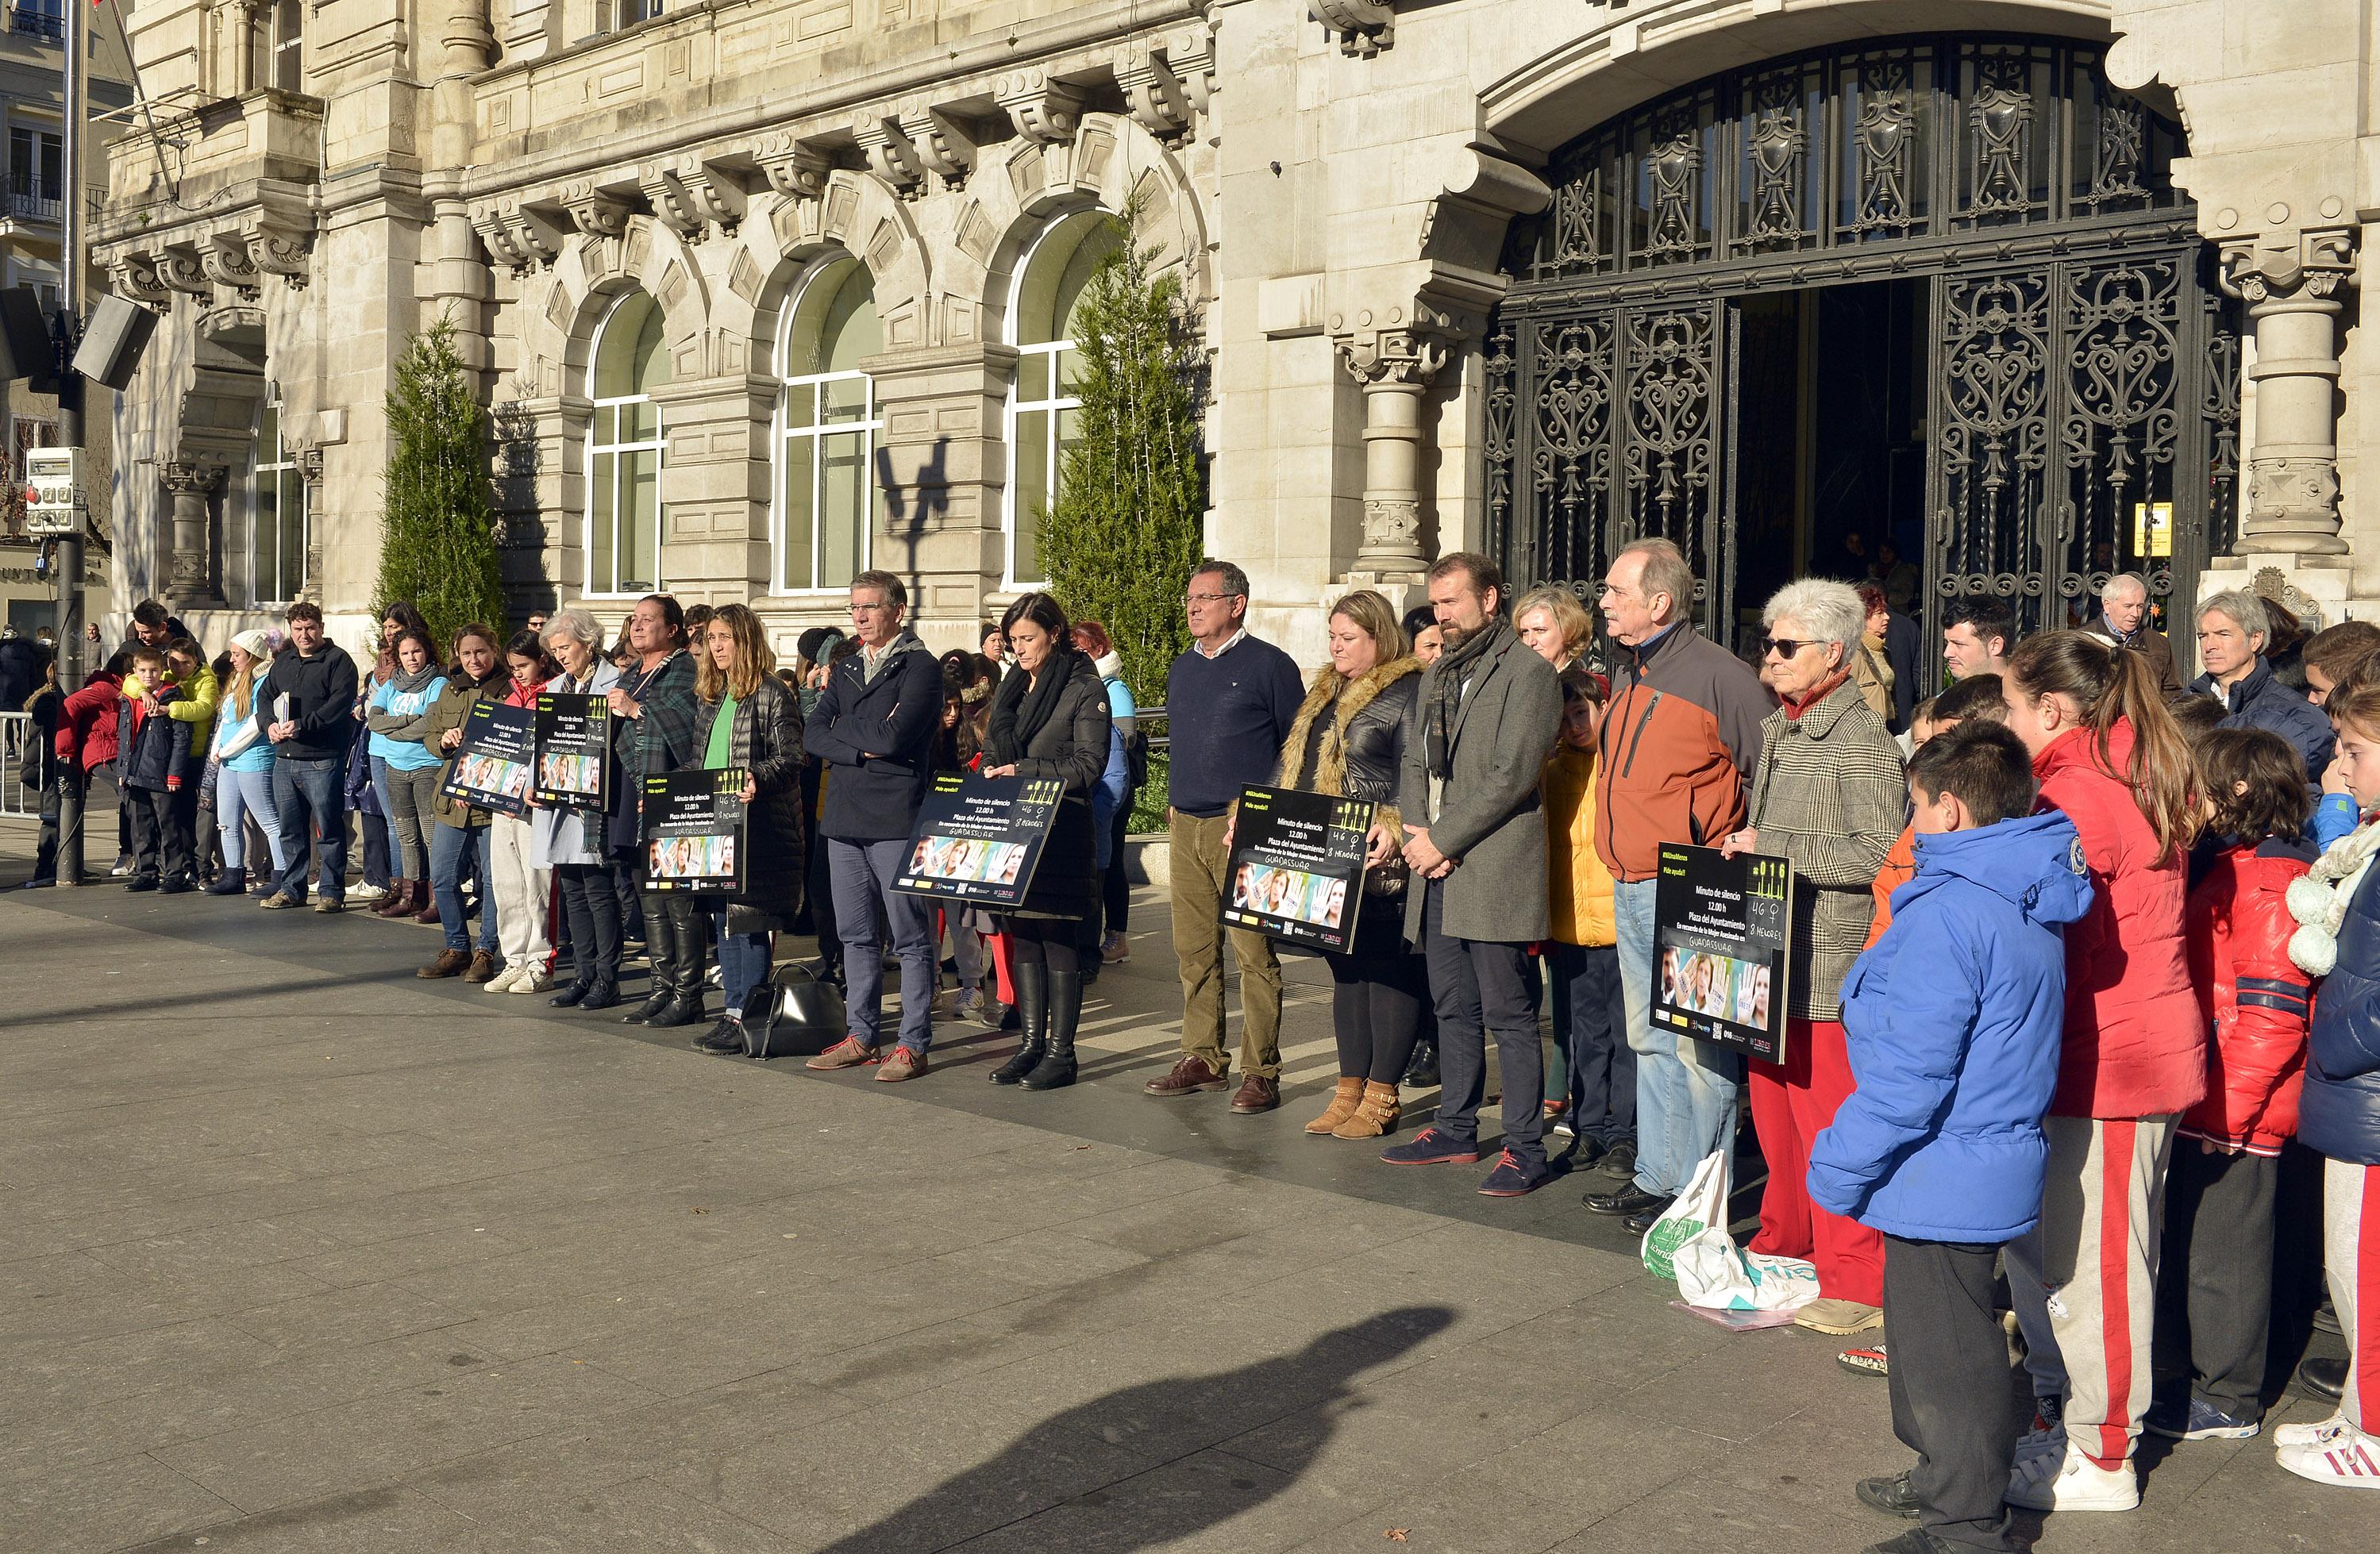 Santander recuerda a la mujer asesinada en guadassuar for Santander oficinas valencia